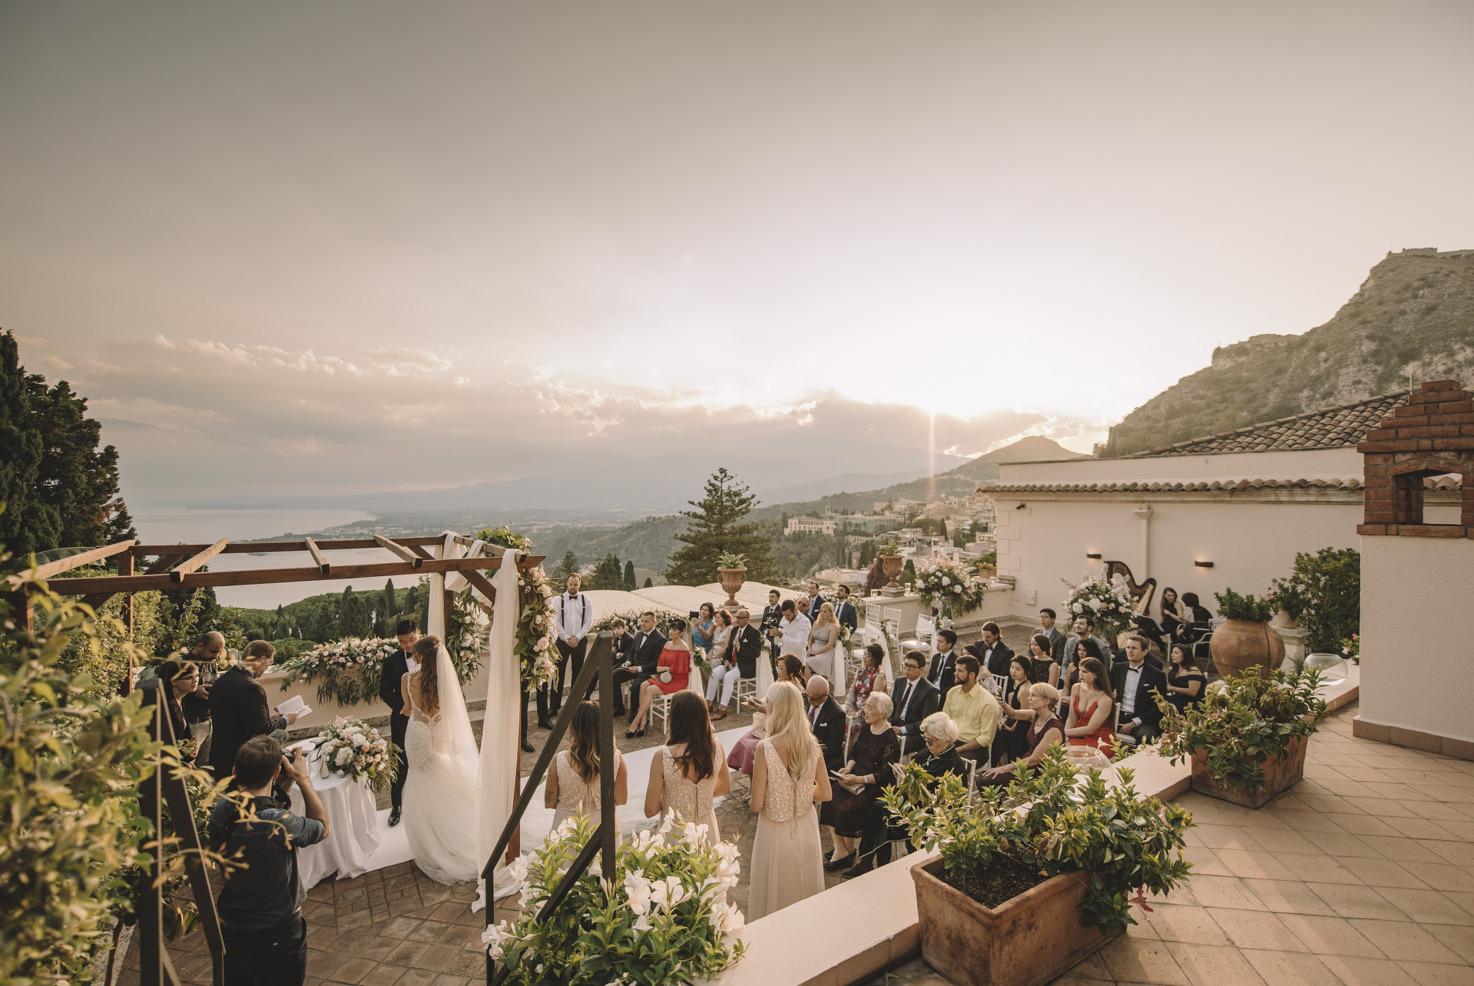 Wedding ceremony in Sicily